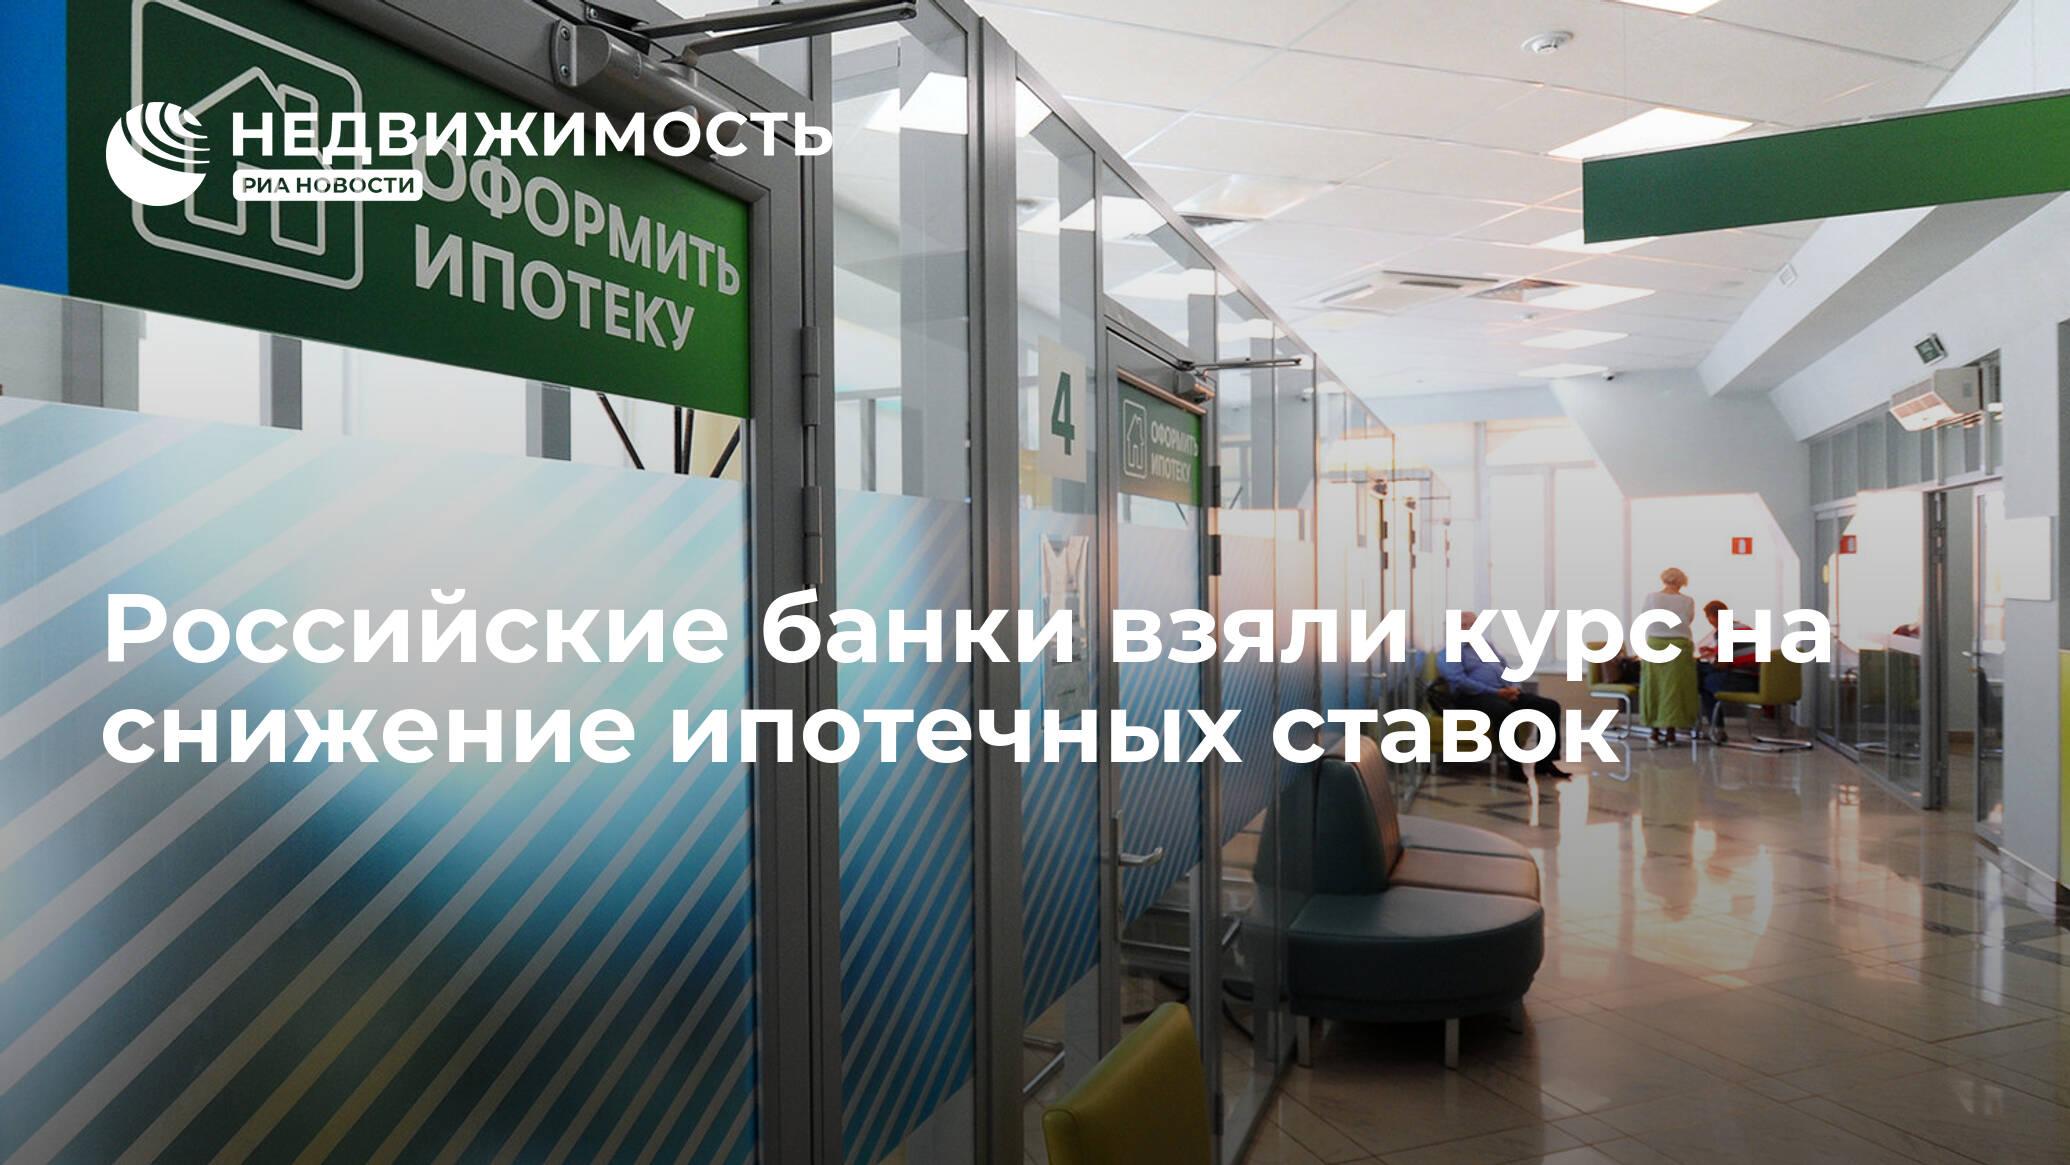 кредит наличными в новосибирске с плохой кредитной историей 200000